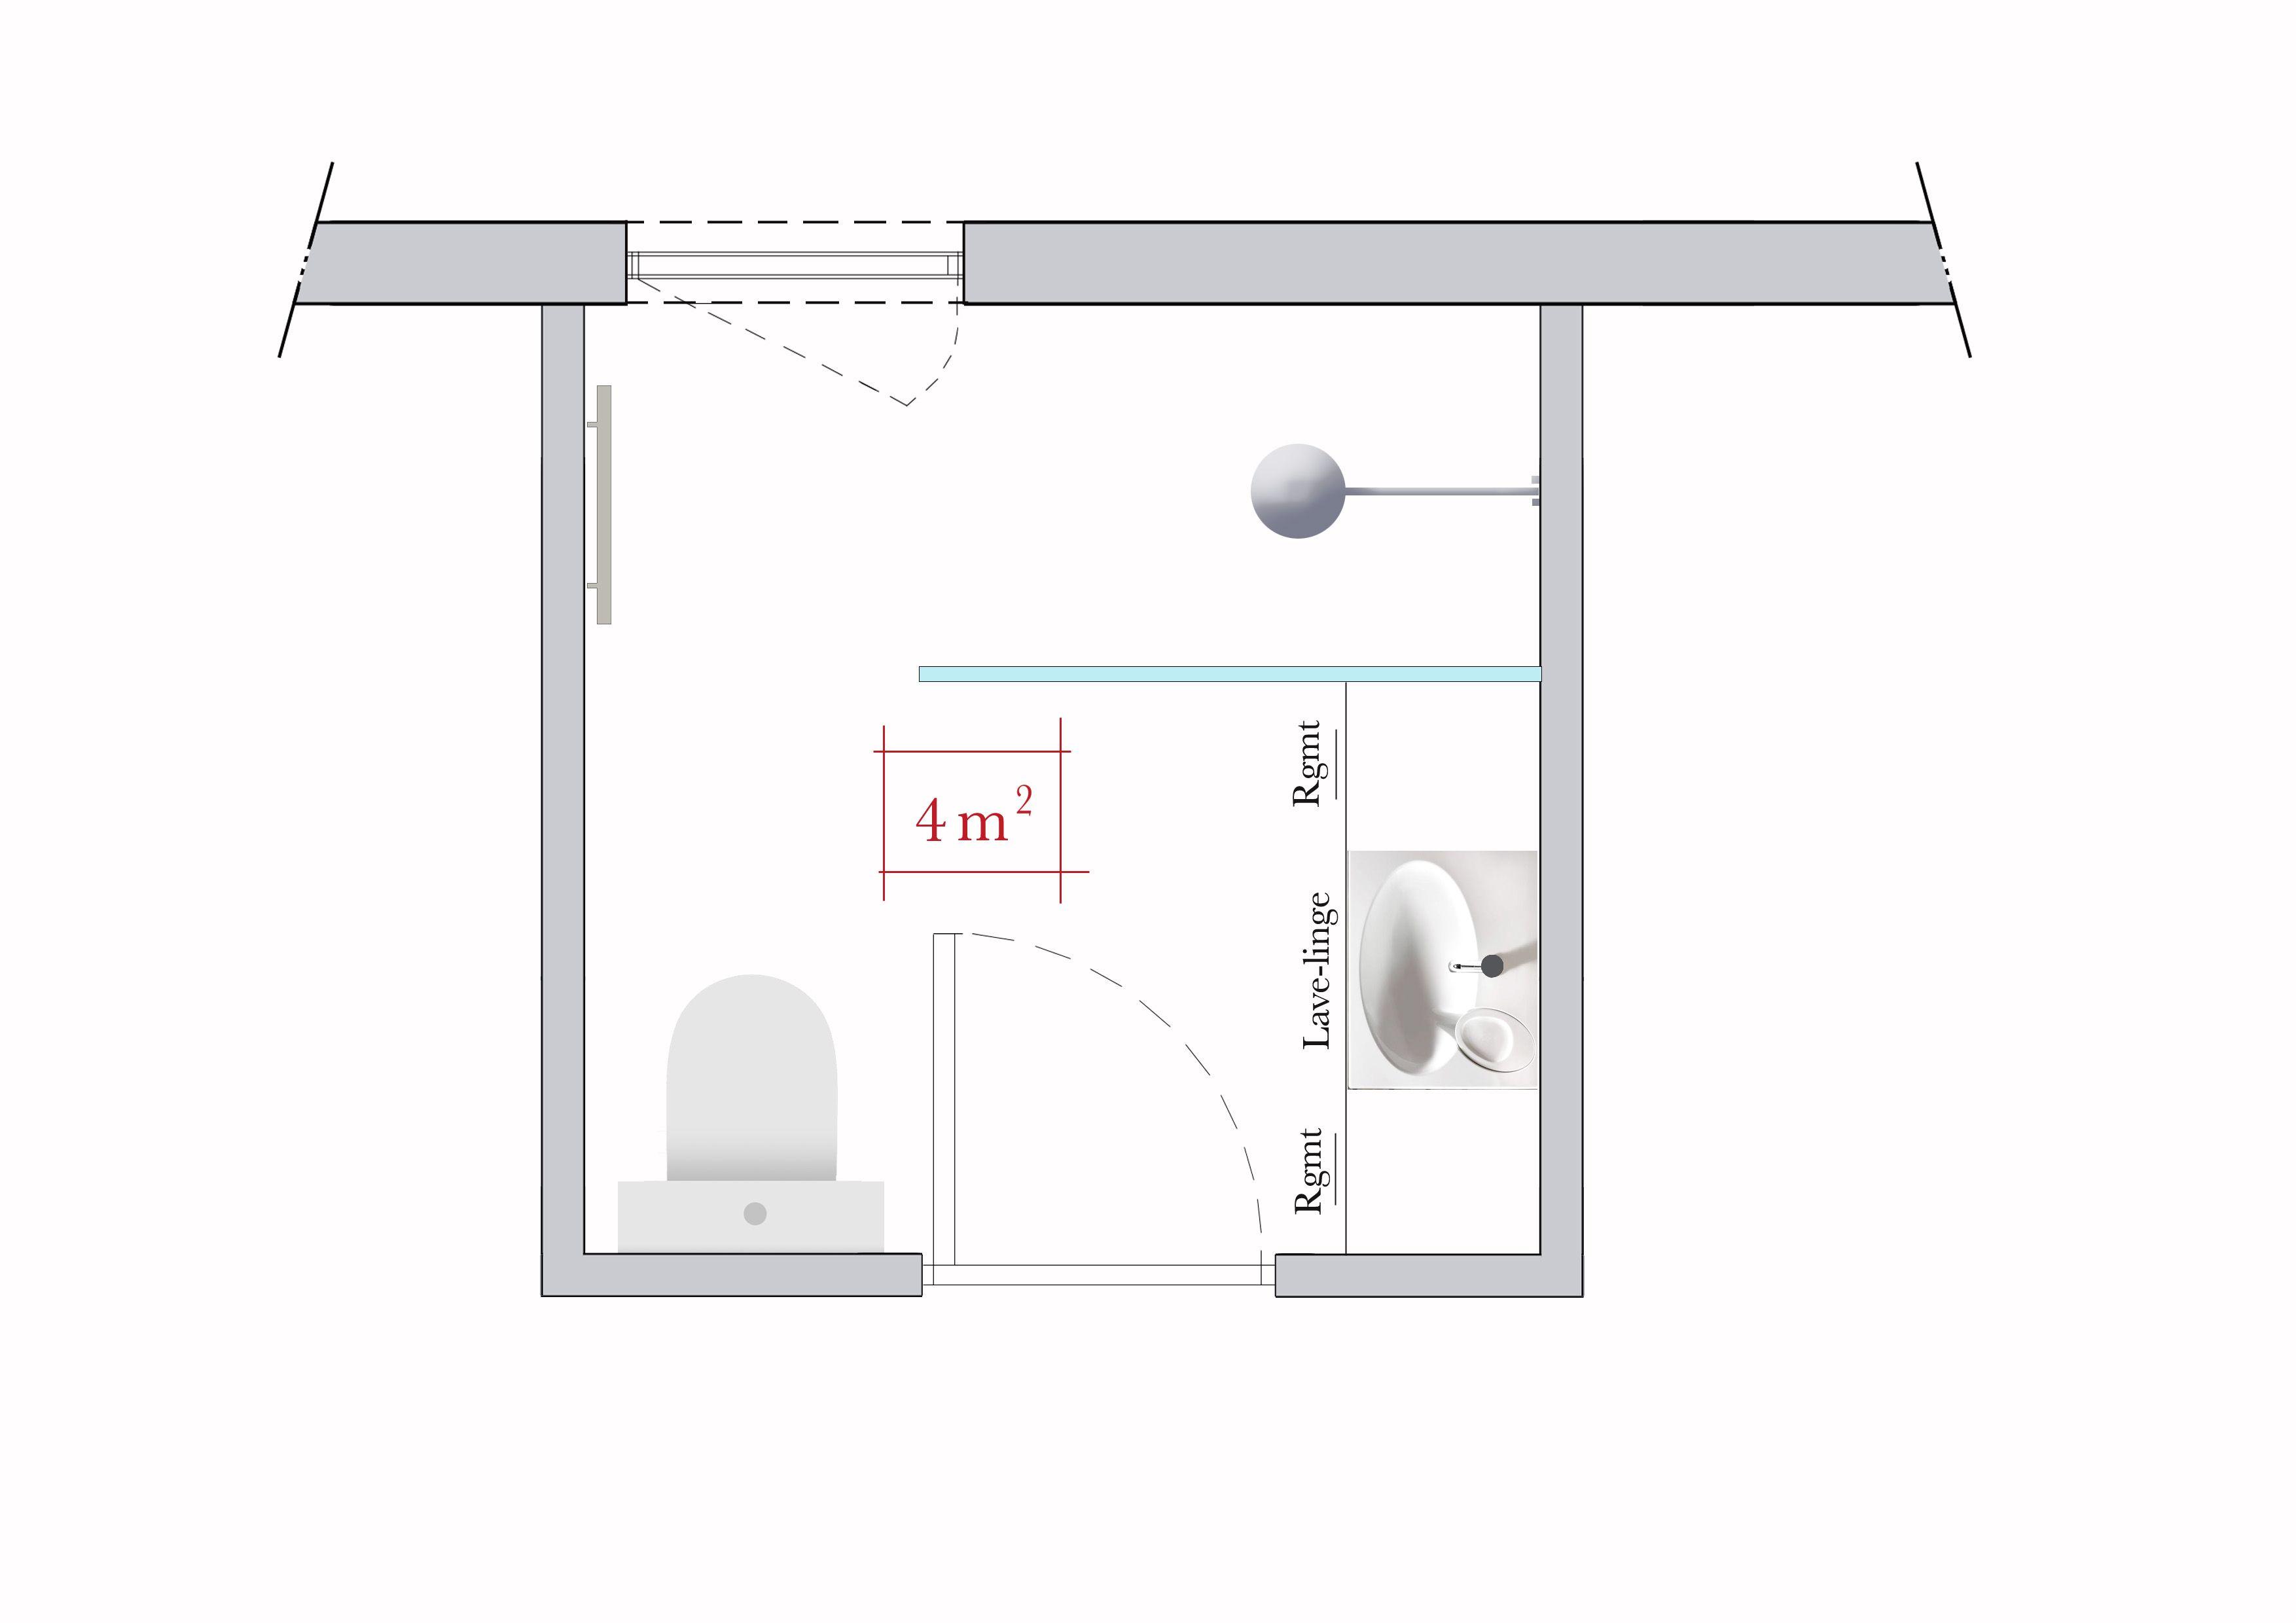 Httpssmediacacheakpinimgcomoriginalsb - Plan d une salle de bain